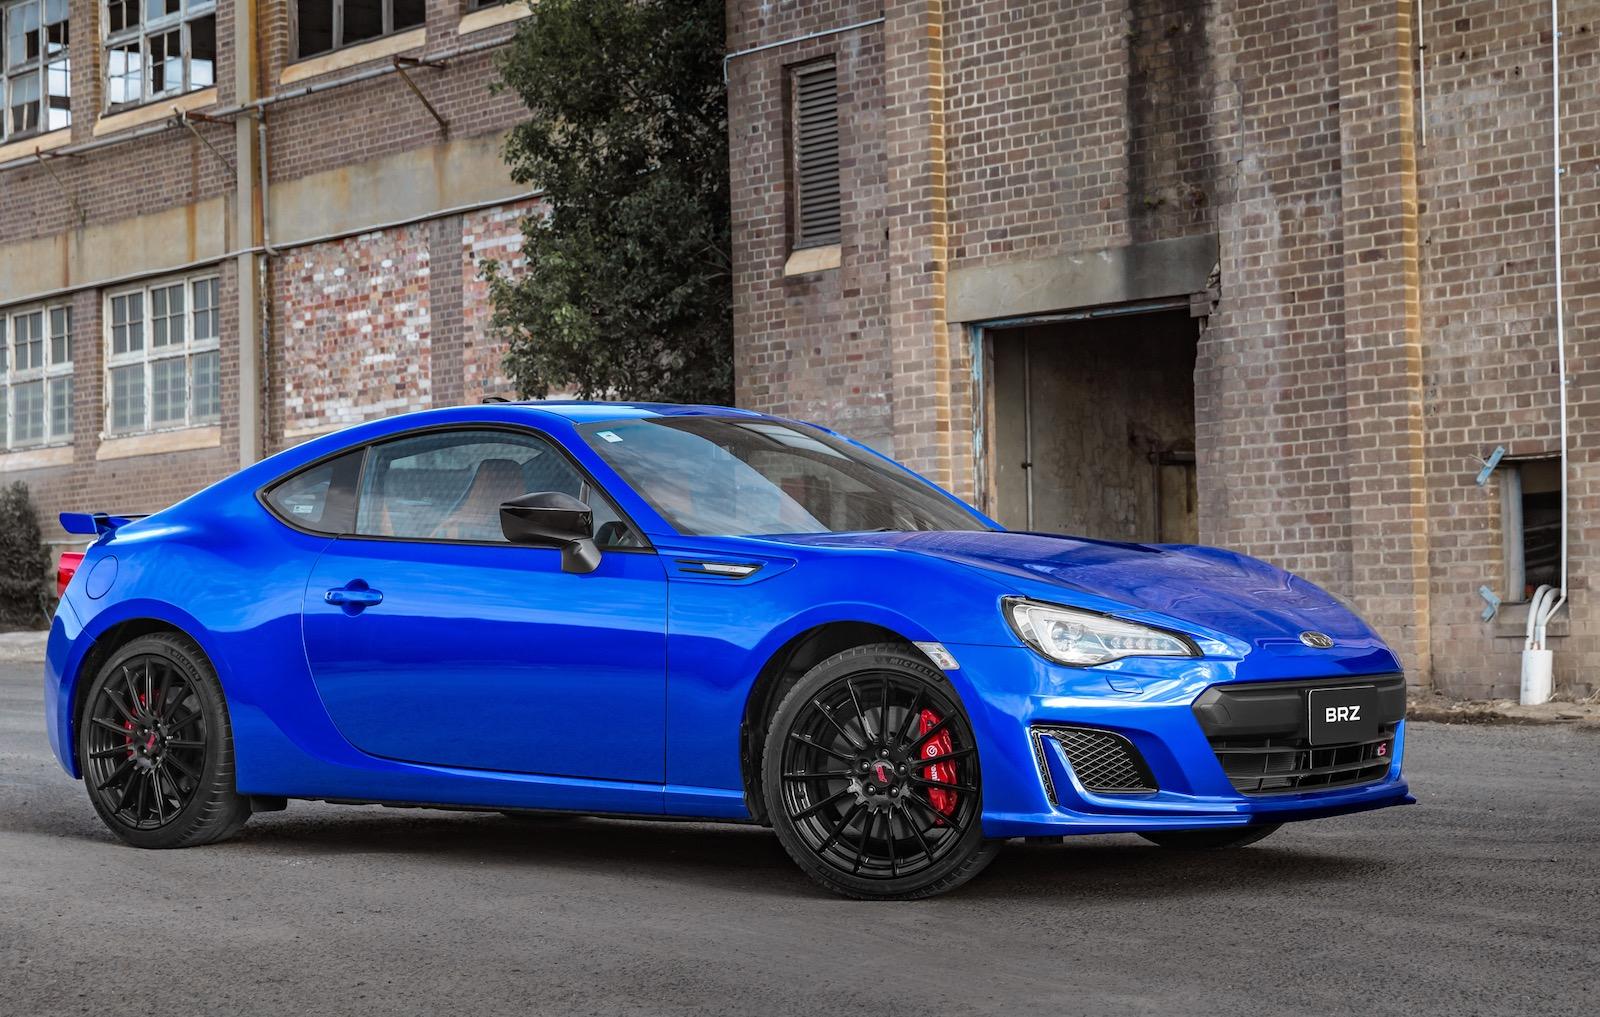 2018 Subaru Brz Now On Sale In Australia Sti Inspired Ts